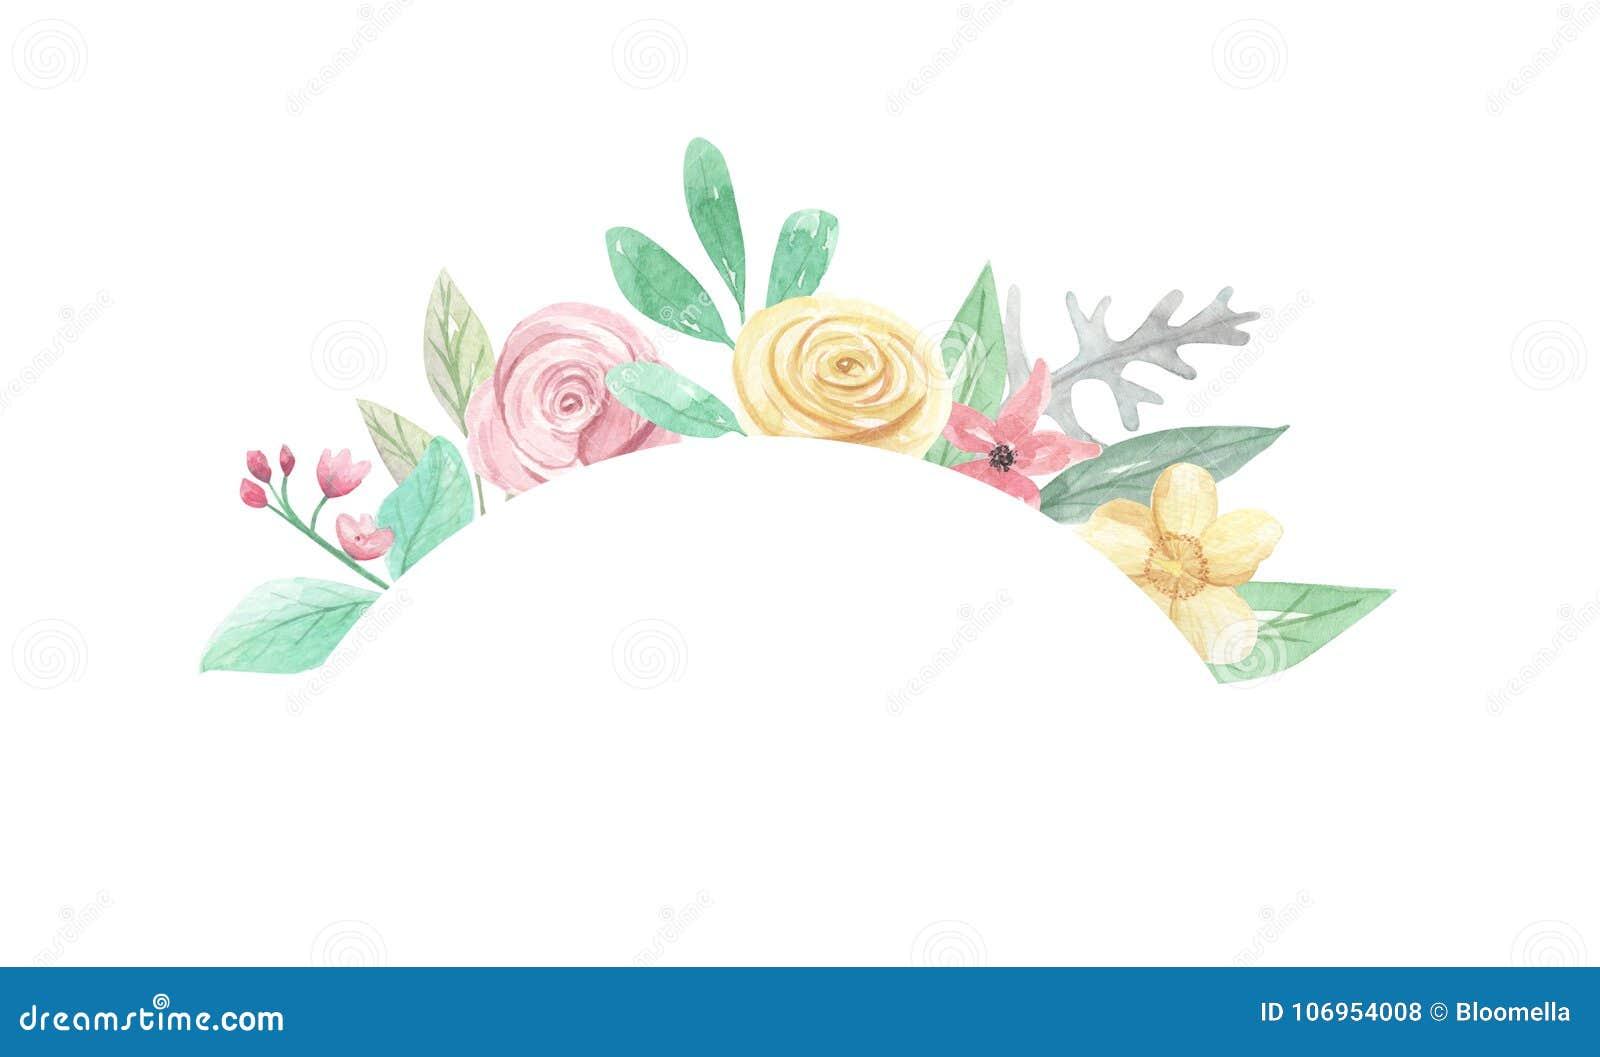 Aquarell Bogen Blumen Hochzeit Lasst Blattfeder Sommer Rahmen Grenze